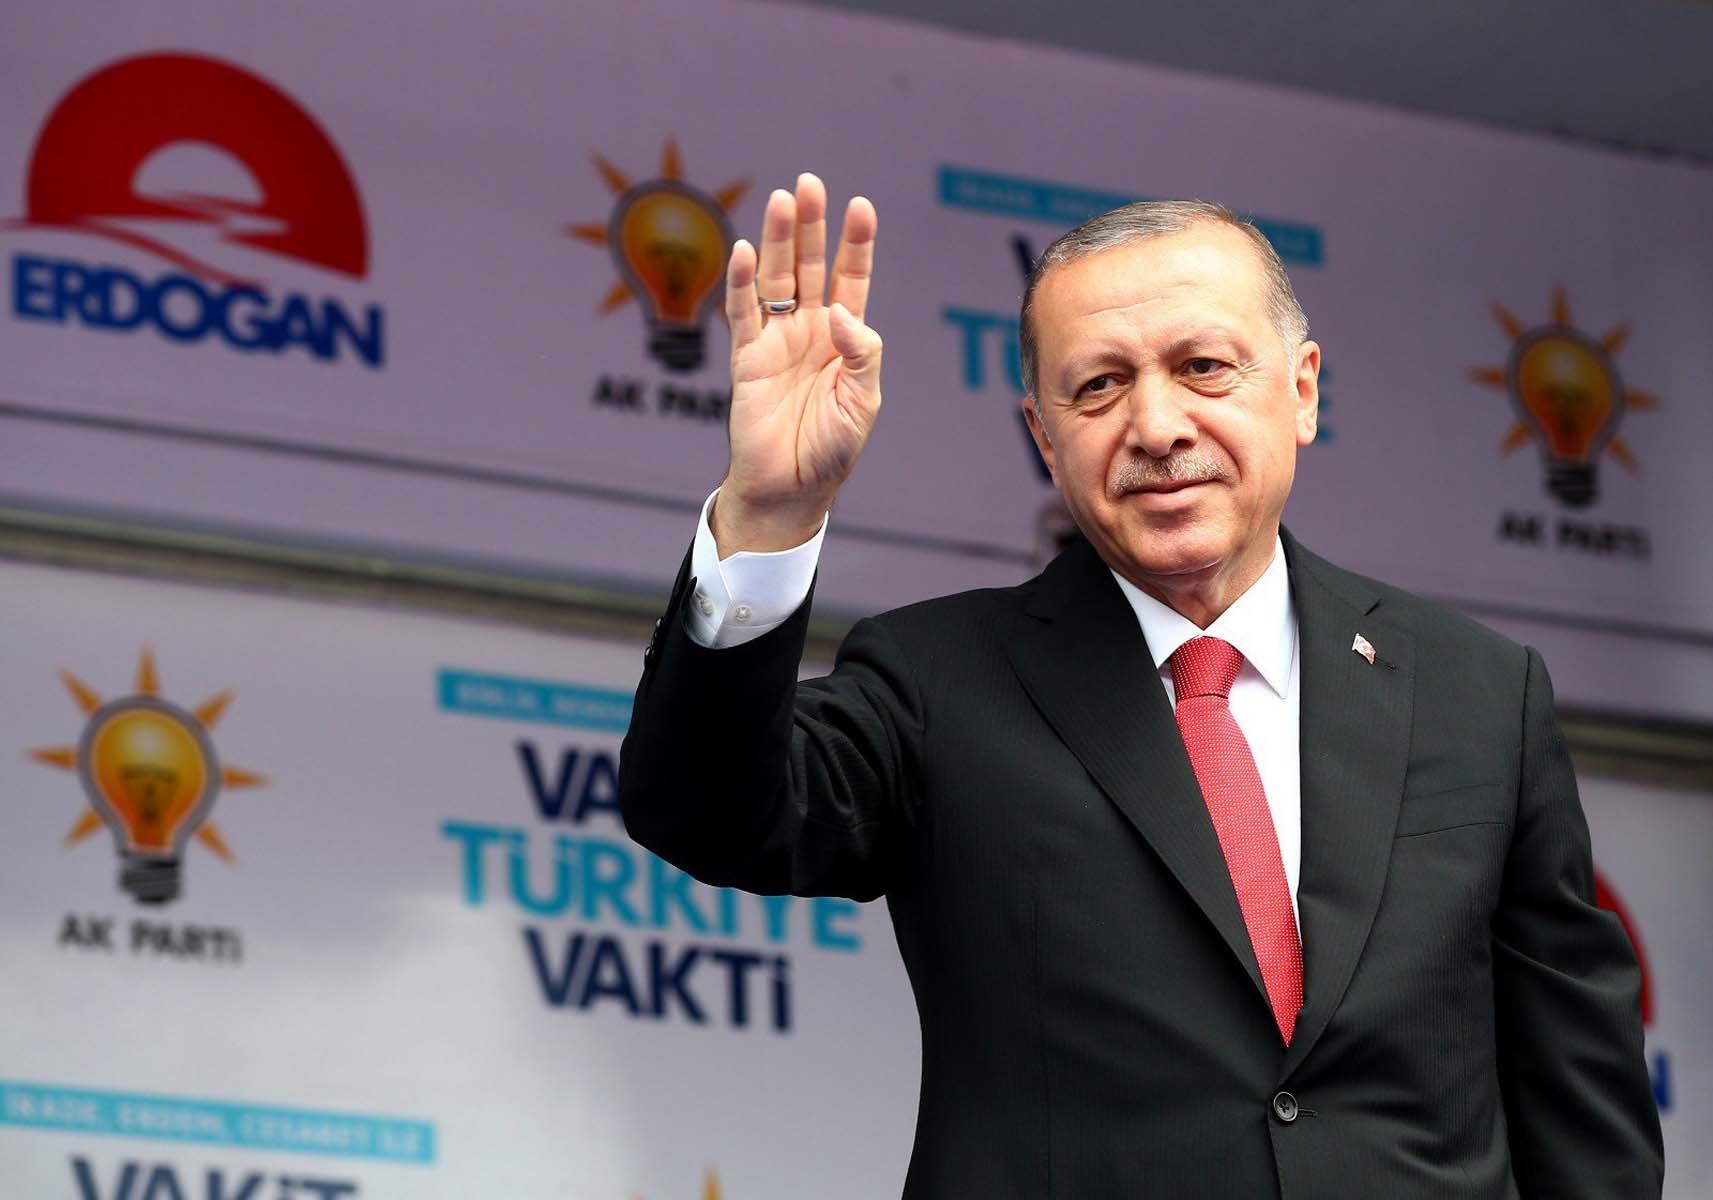 AK Parti 2023 seçimleri için stratejisini belirledi: Genç nüfusun oyları için özel çalışma yapılacak